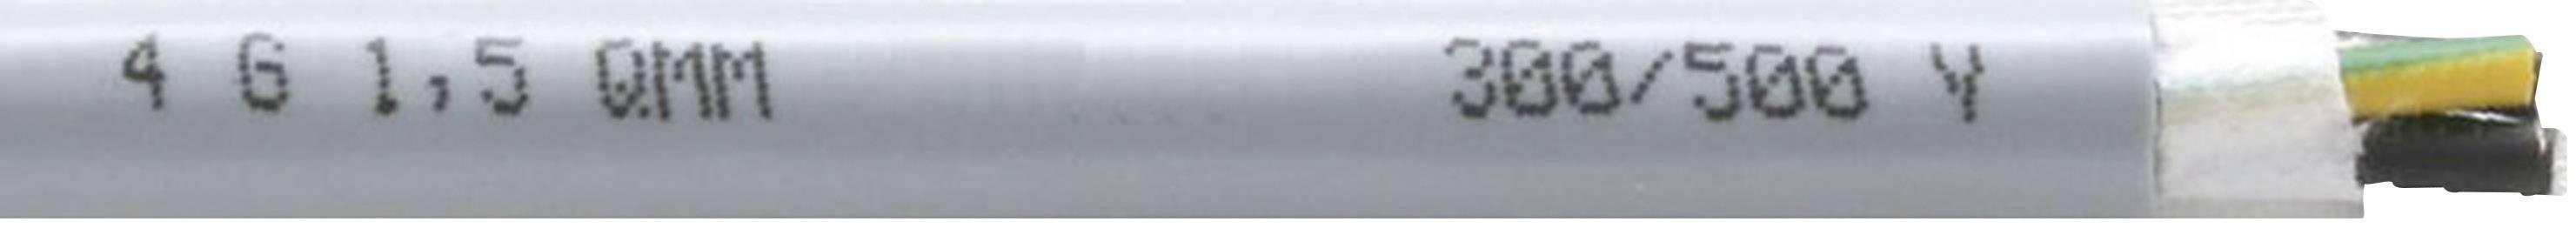 Tažný kabel Faber Kabel EFK 310 Y 310 UL/CSA-SCHLEPPLTG.PVC/PVC (035451), 3x 1,5 mm², PVC, Ø 8 mm, nestíněný,